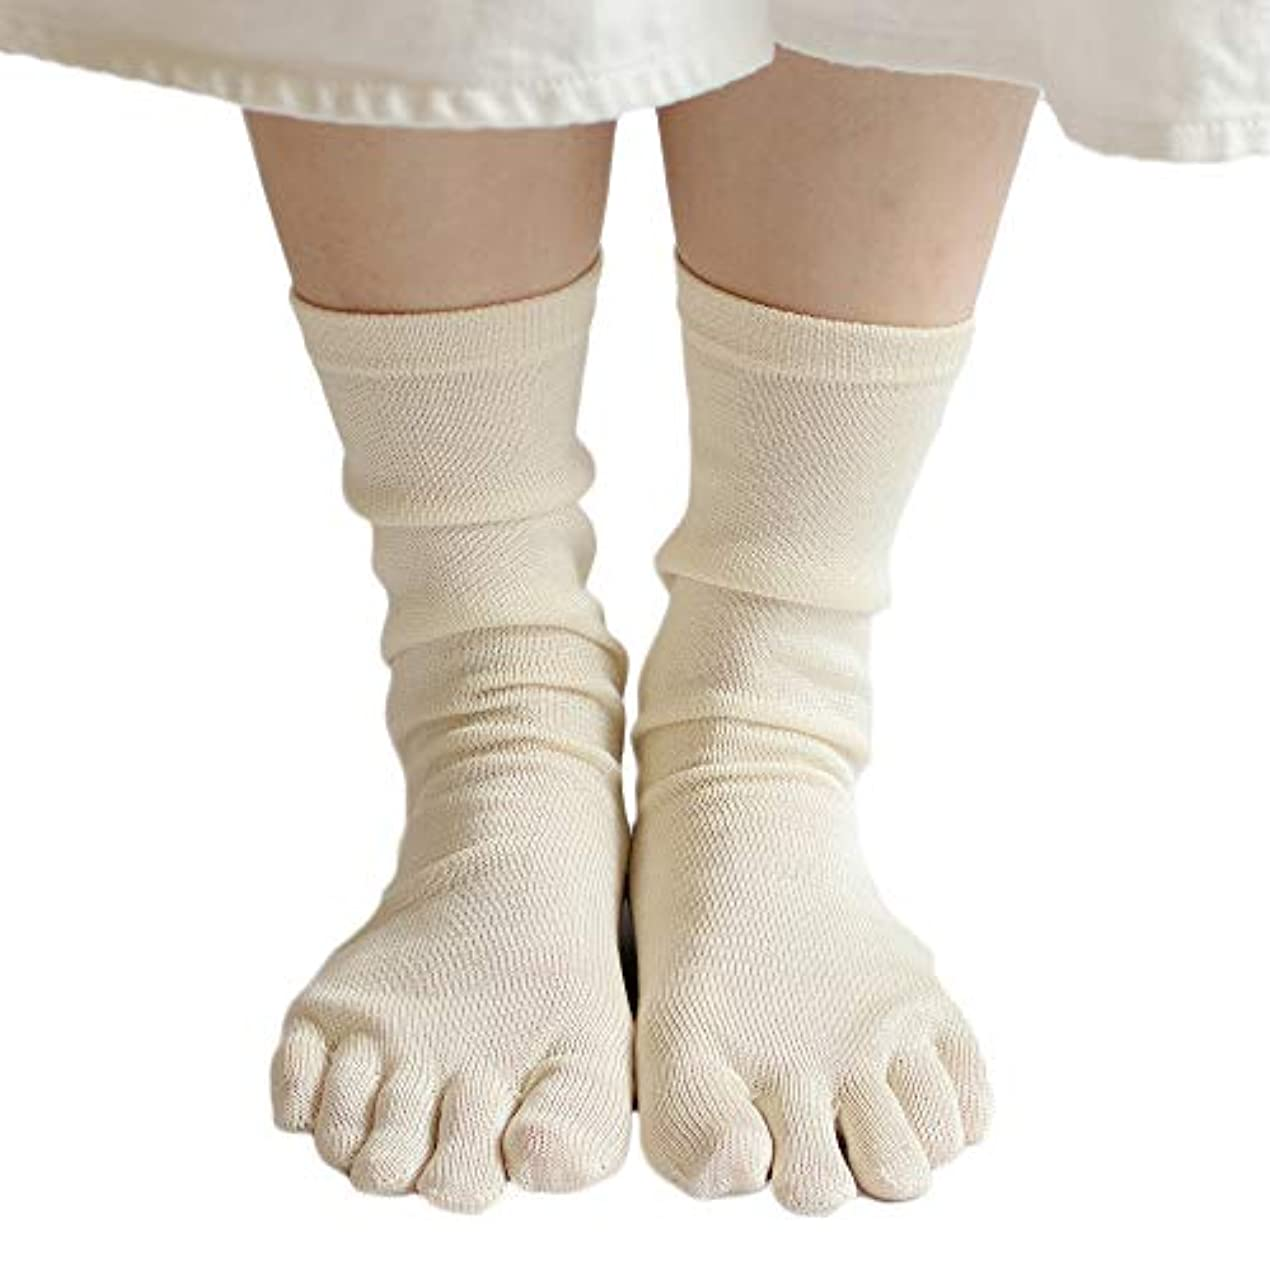 偽善アクセサリー談話タイシルク 100% 五本指 ソックス 3足セット かかとあり 上質なシルクを100%使用した薄手靴下 重ね履きのインナーソックスや冷えとりに